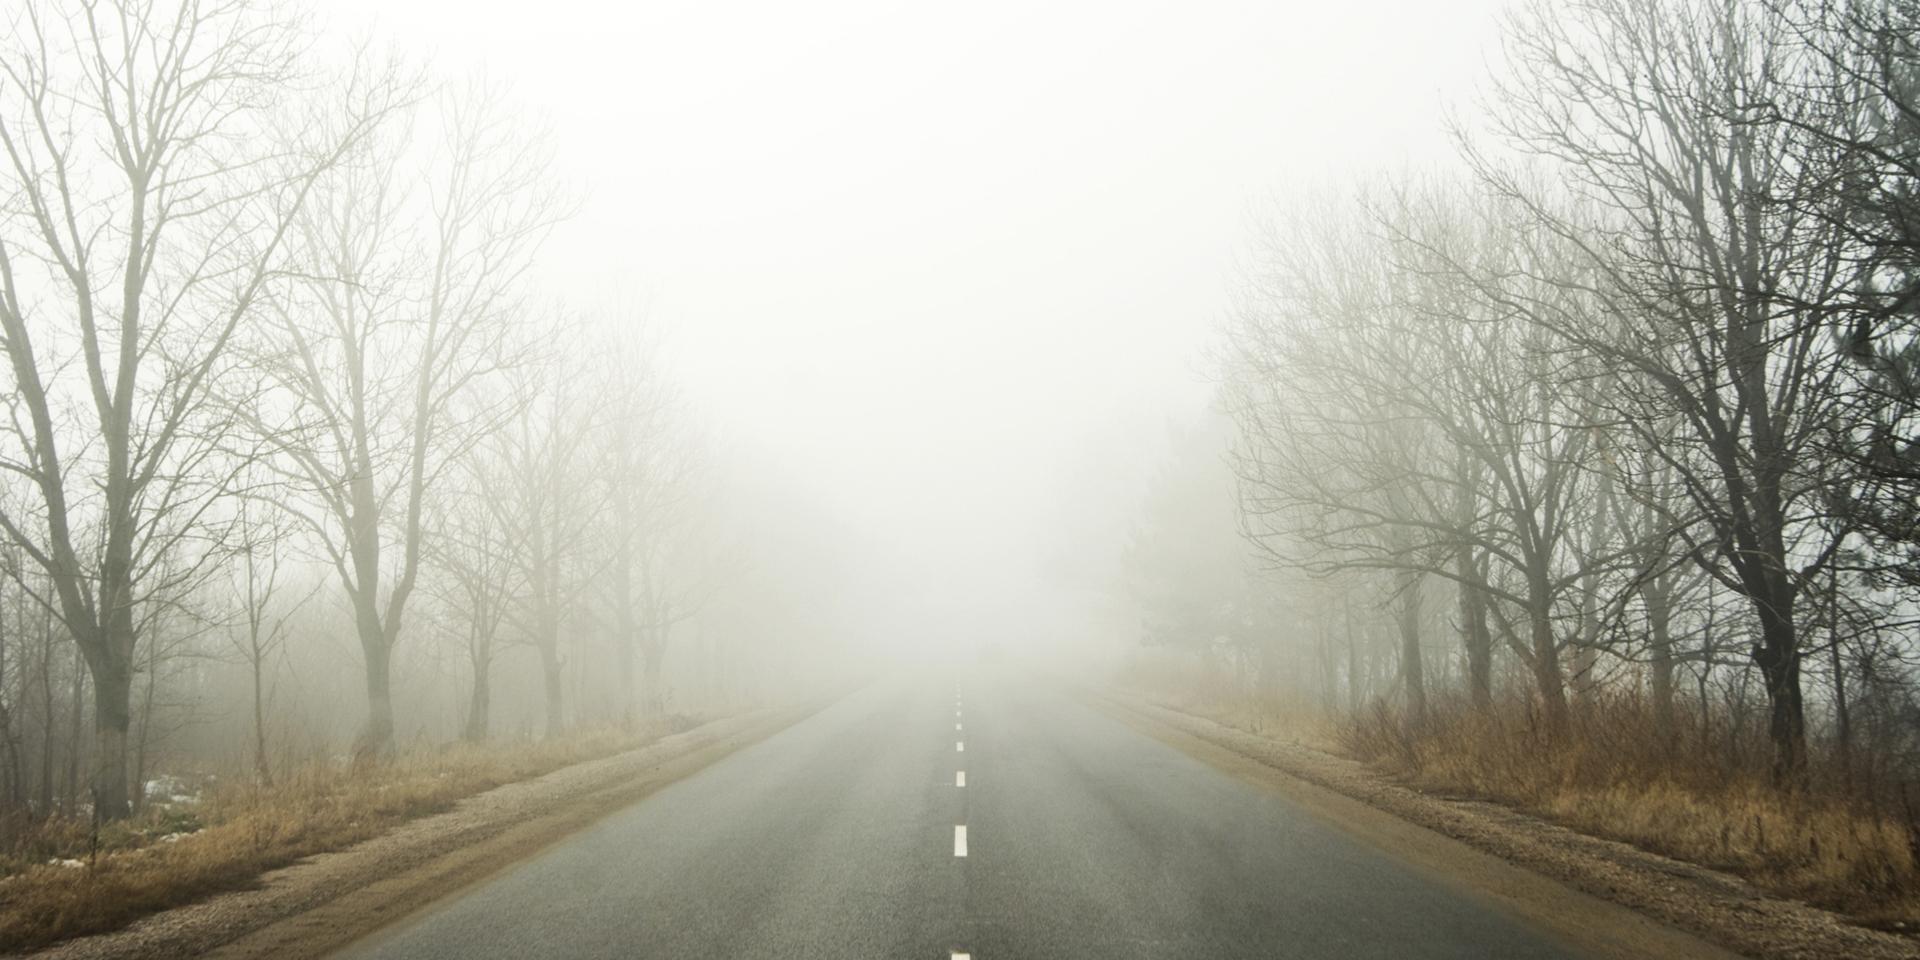 Πρόγνωση Θεσσαλίας και Σποράδων 21-24/12/20 Ομίχλες με βελτιωμένο καιρό (+χάρτες βροχής)